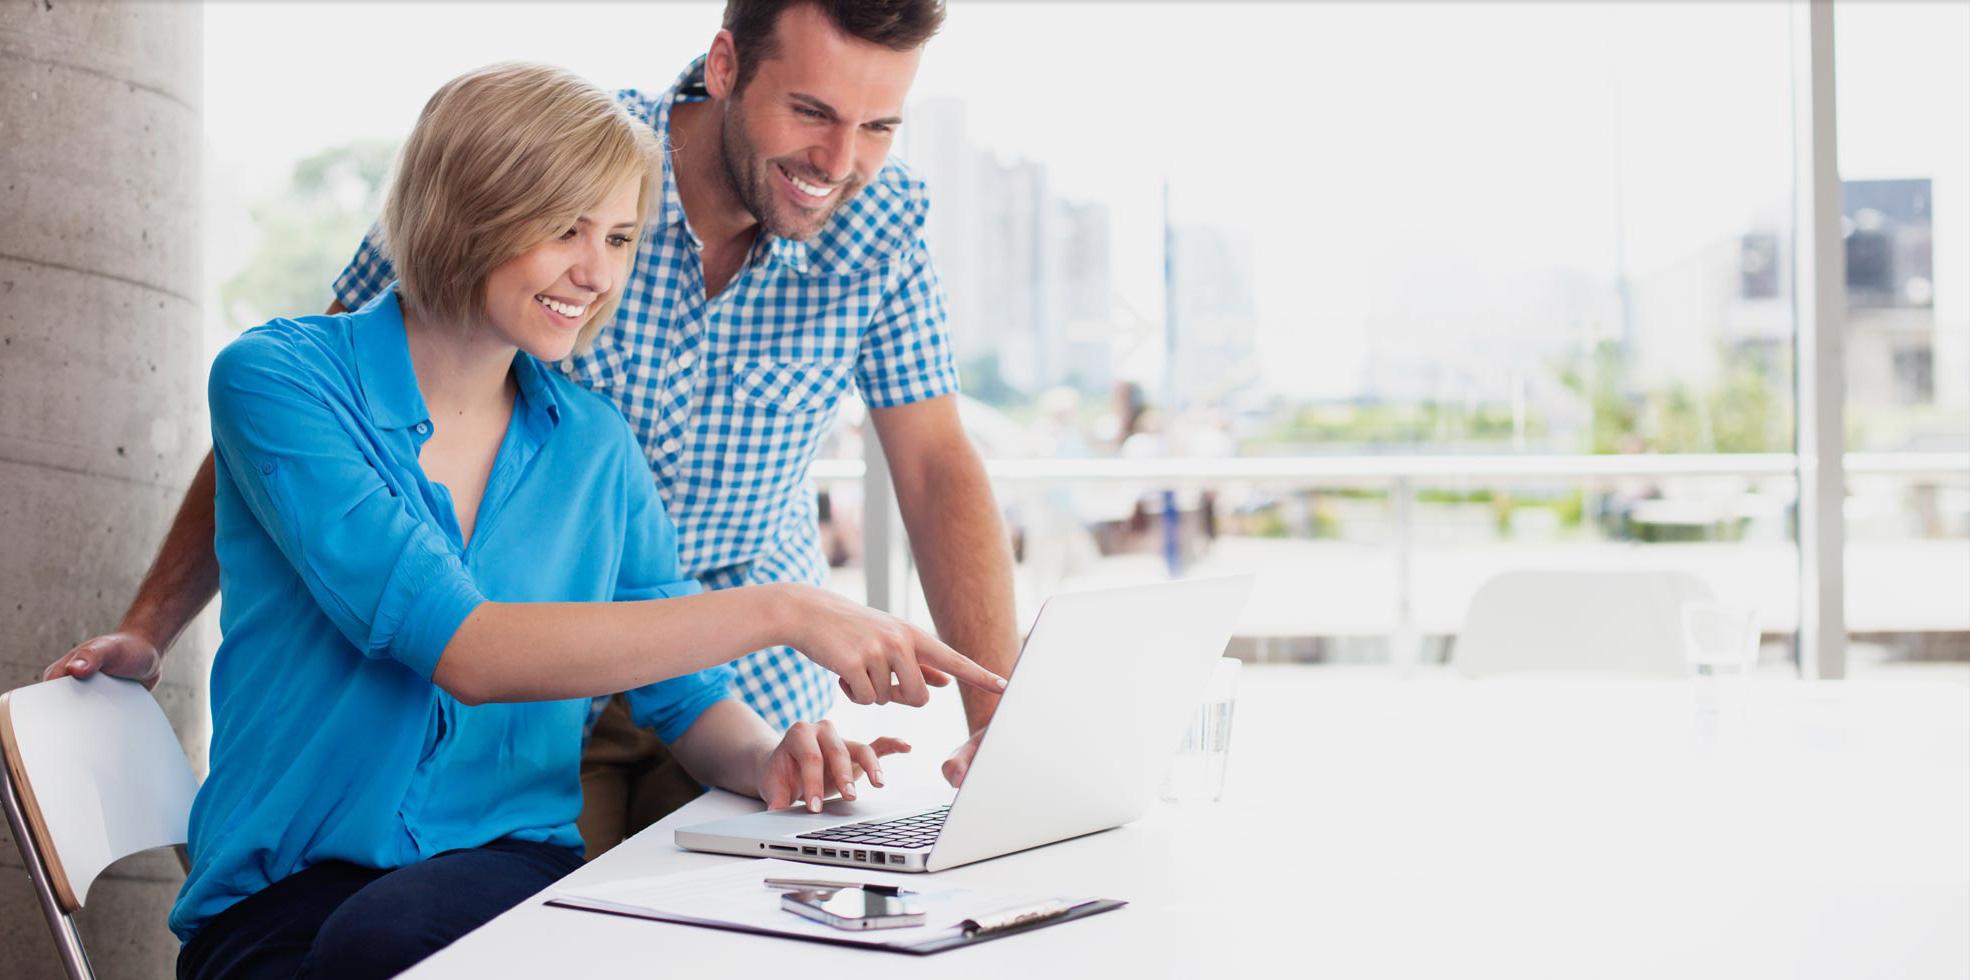 Versicherungsmakler: Bindeglied zwischen Unternehmen und Kunden